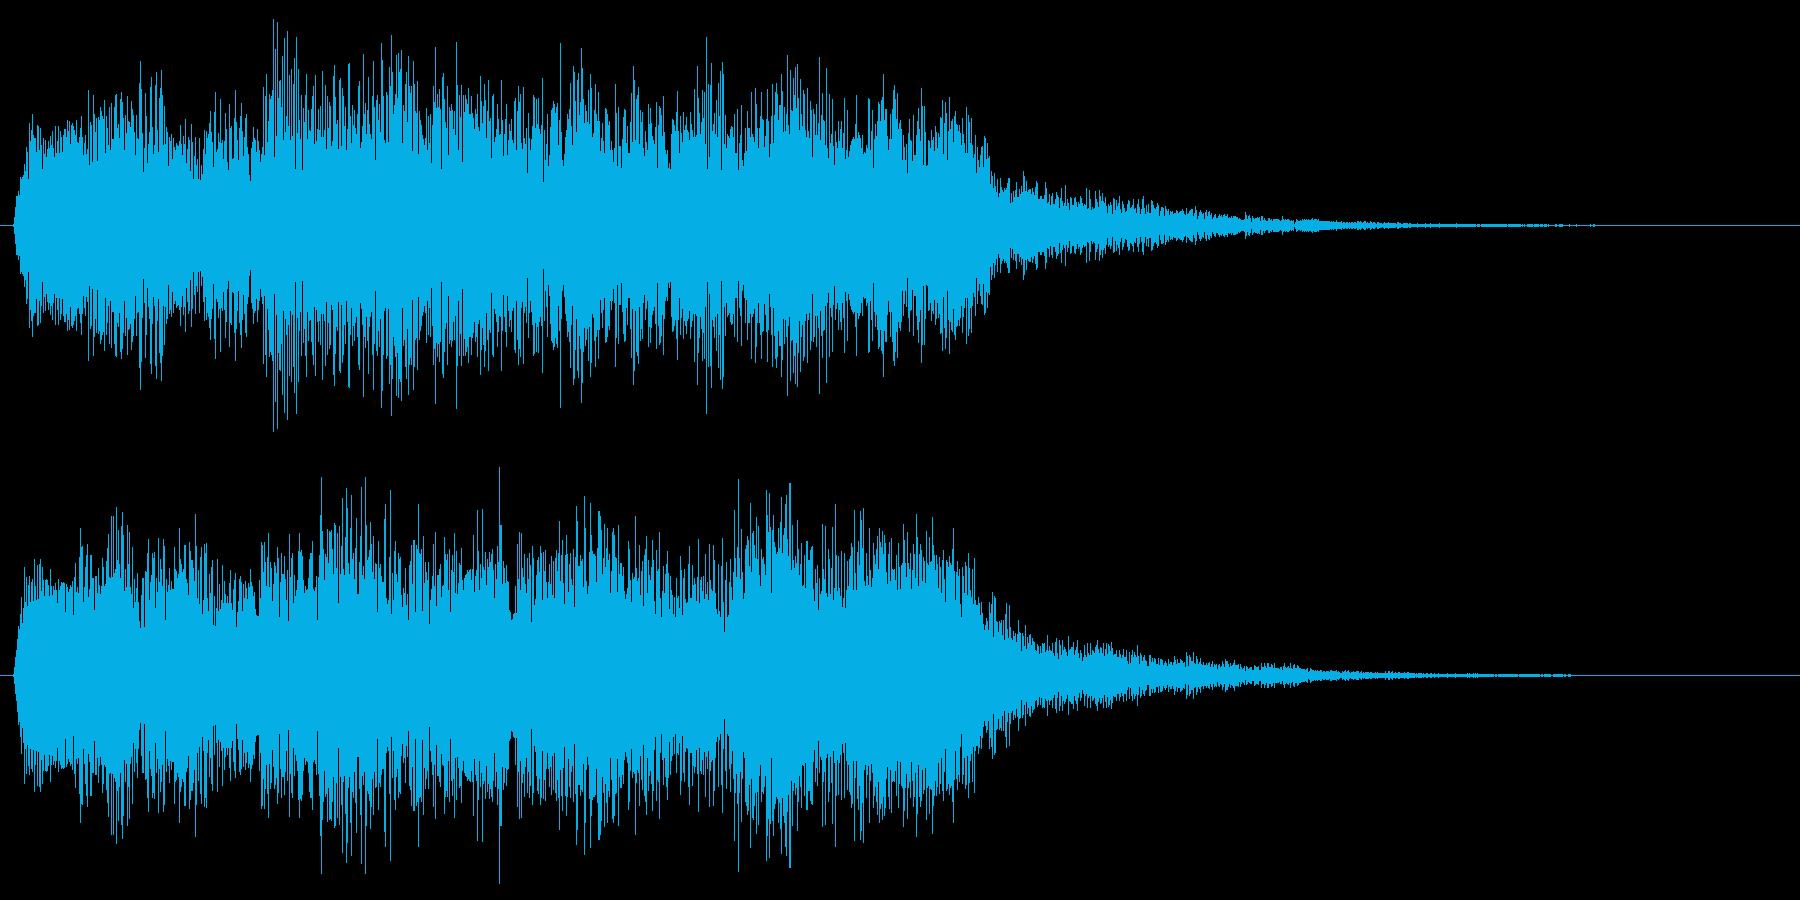 場面転換 クリア 達成 オーケストラの再生済みの波形